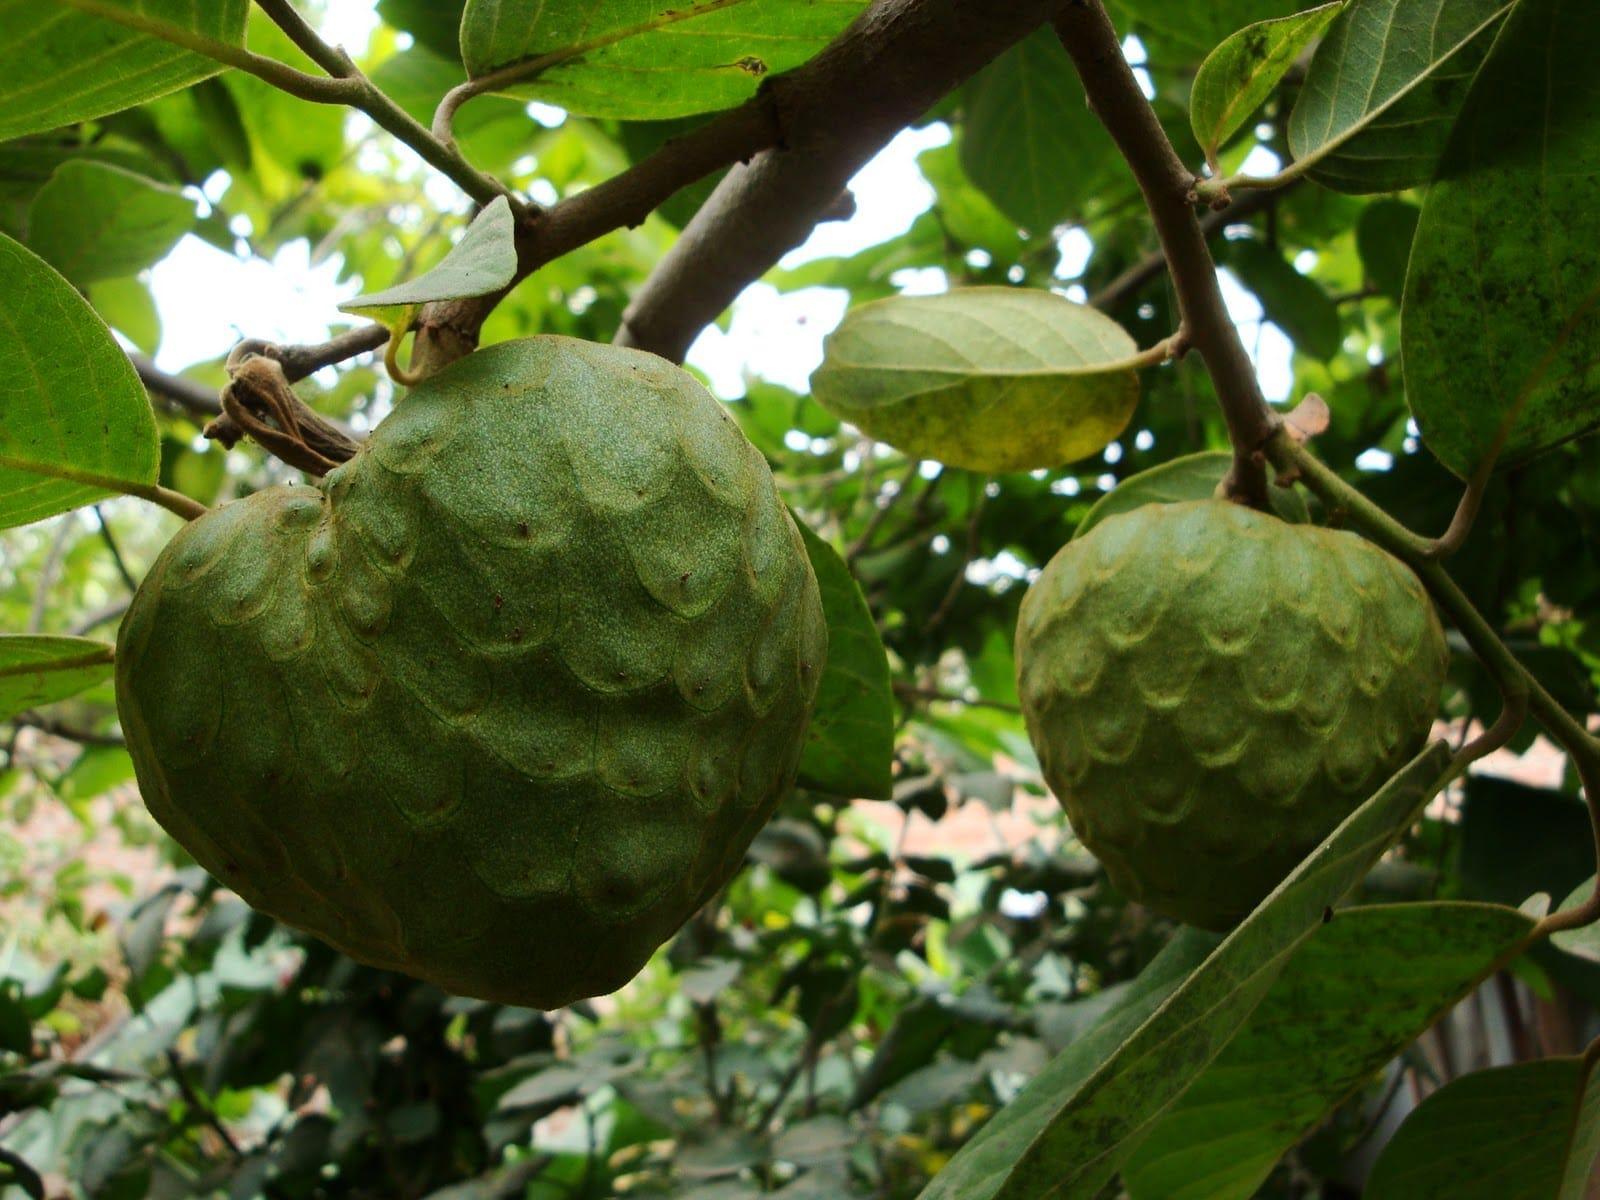 Anona superalimento e anti-cancerígena - fruto tropical 1